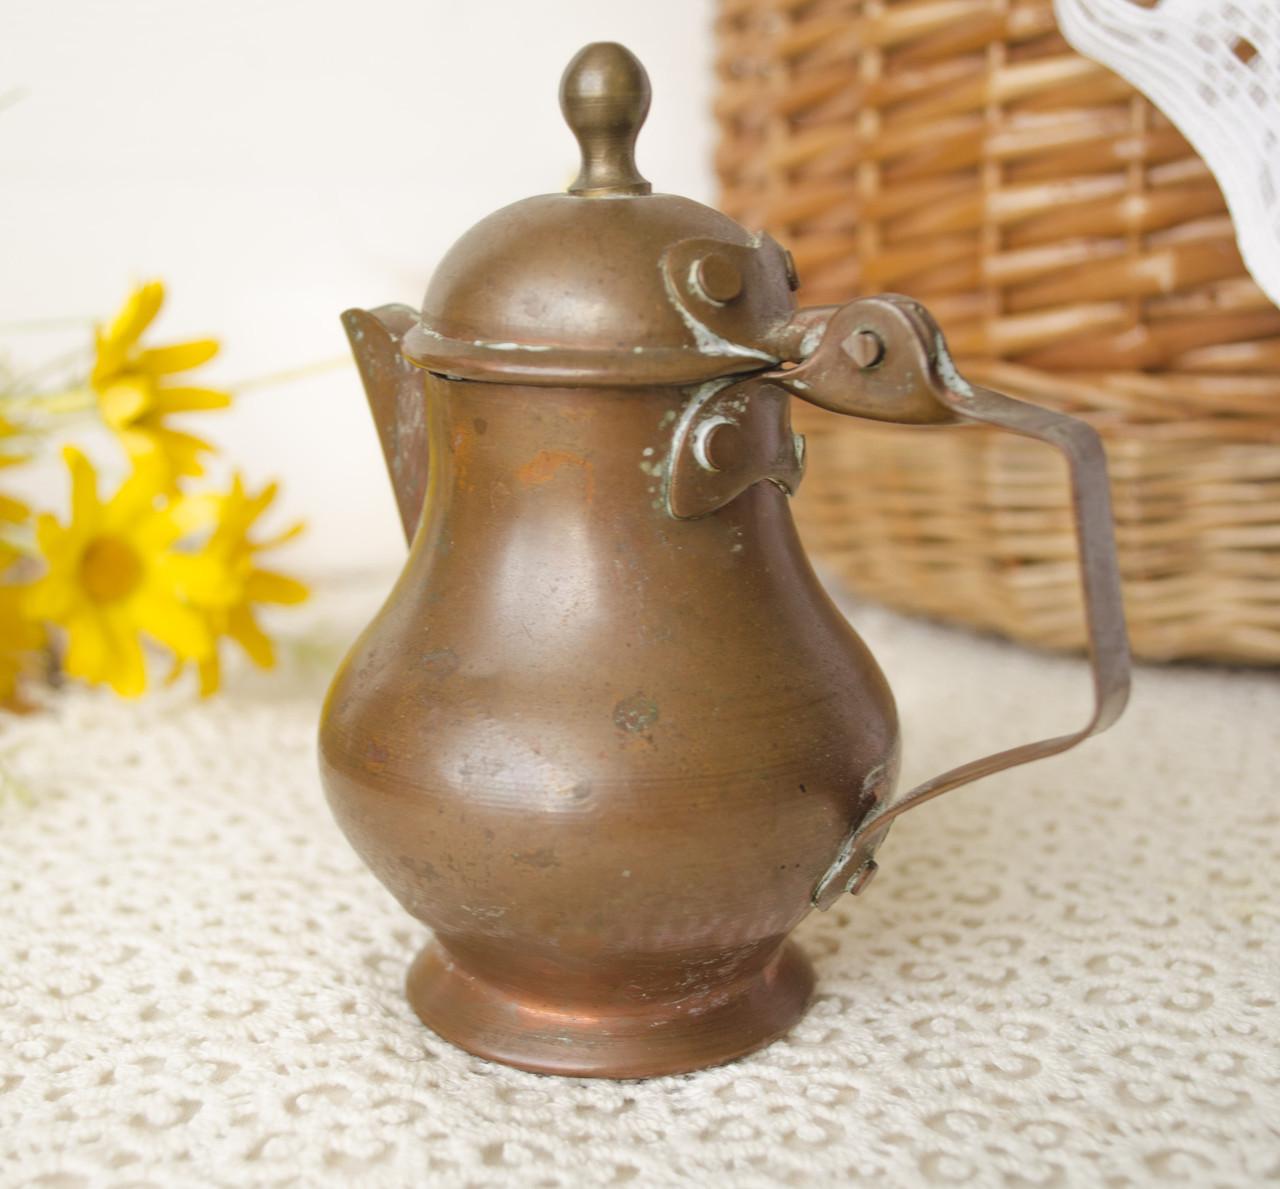 Старый медный миниатюрный кувшинчик, молочник, медь, Германия, 10 см